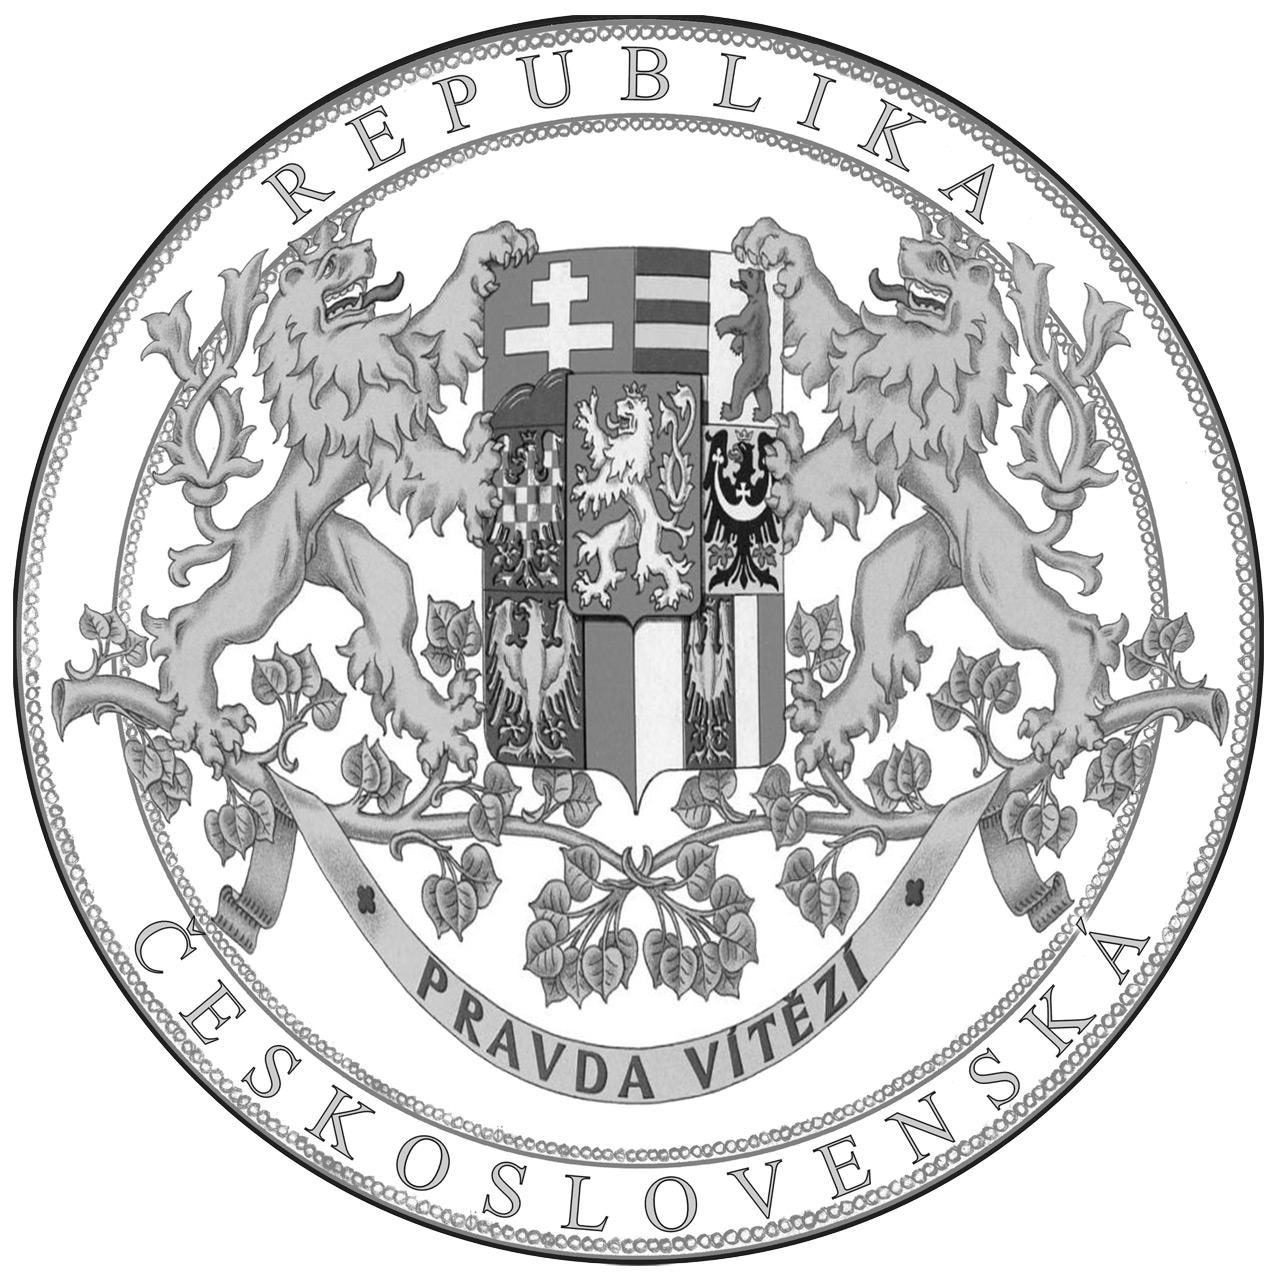 Návrh společného reversu všech pamětních medailích kolekce Historie Československa